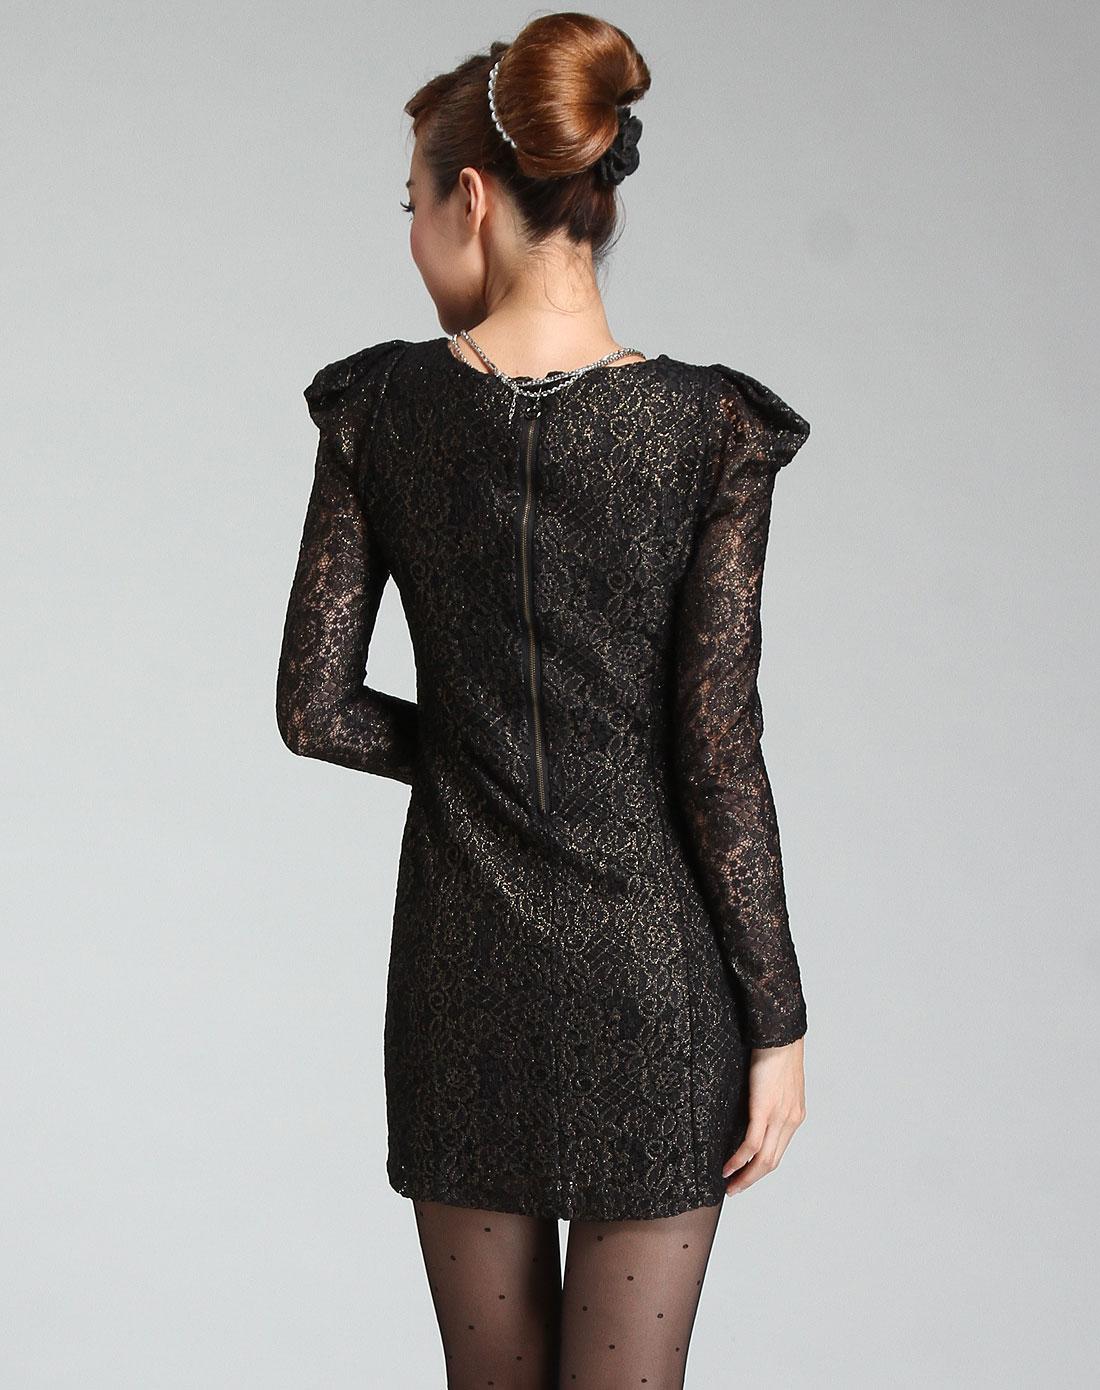 [ 朗姿 ] 黑拼金色花纹复古长袖针织连衣裙